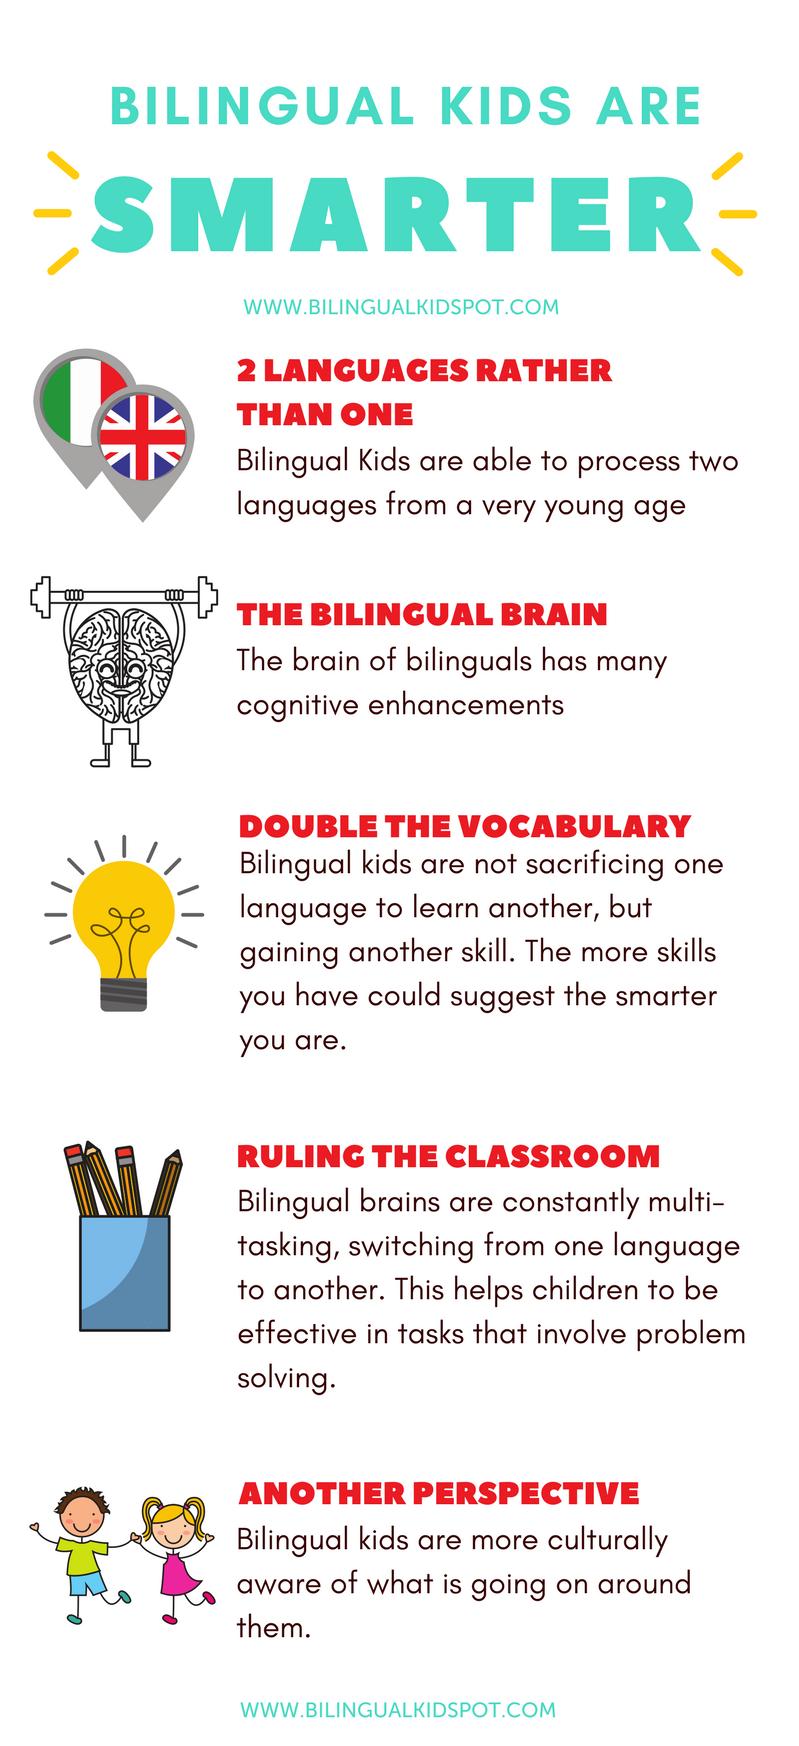 mengajari anak agar bilingual